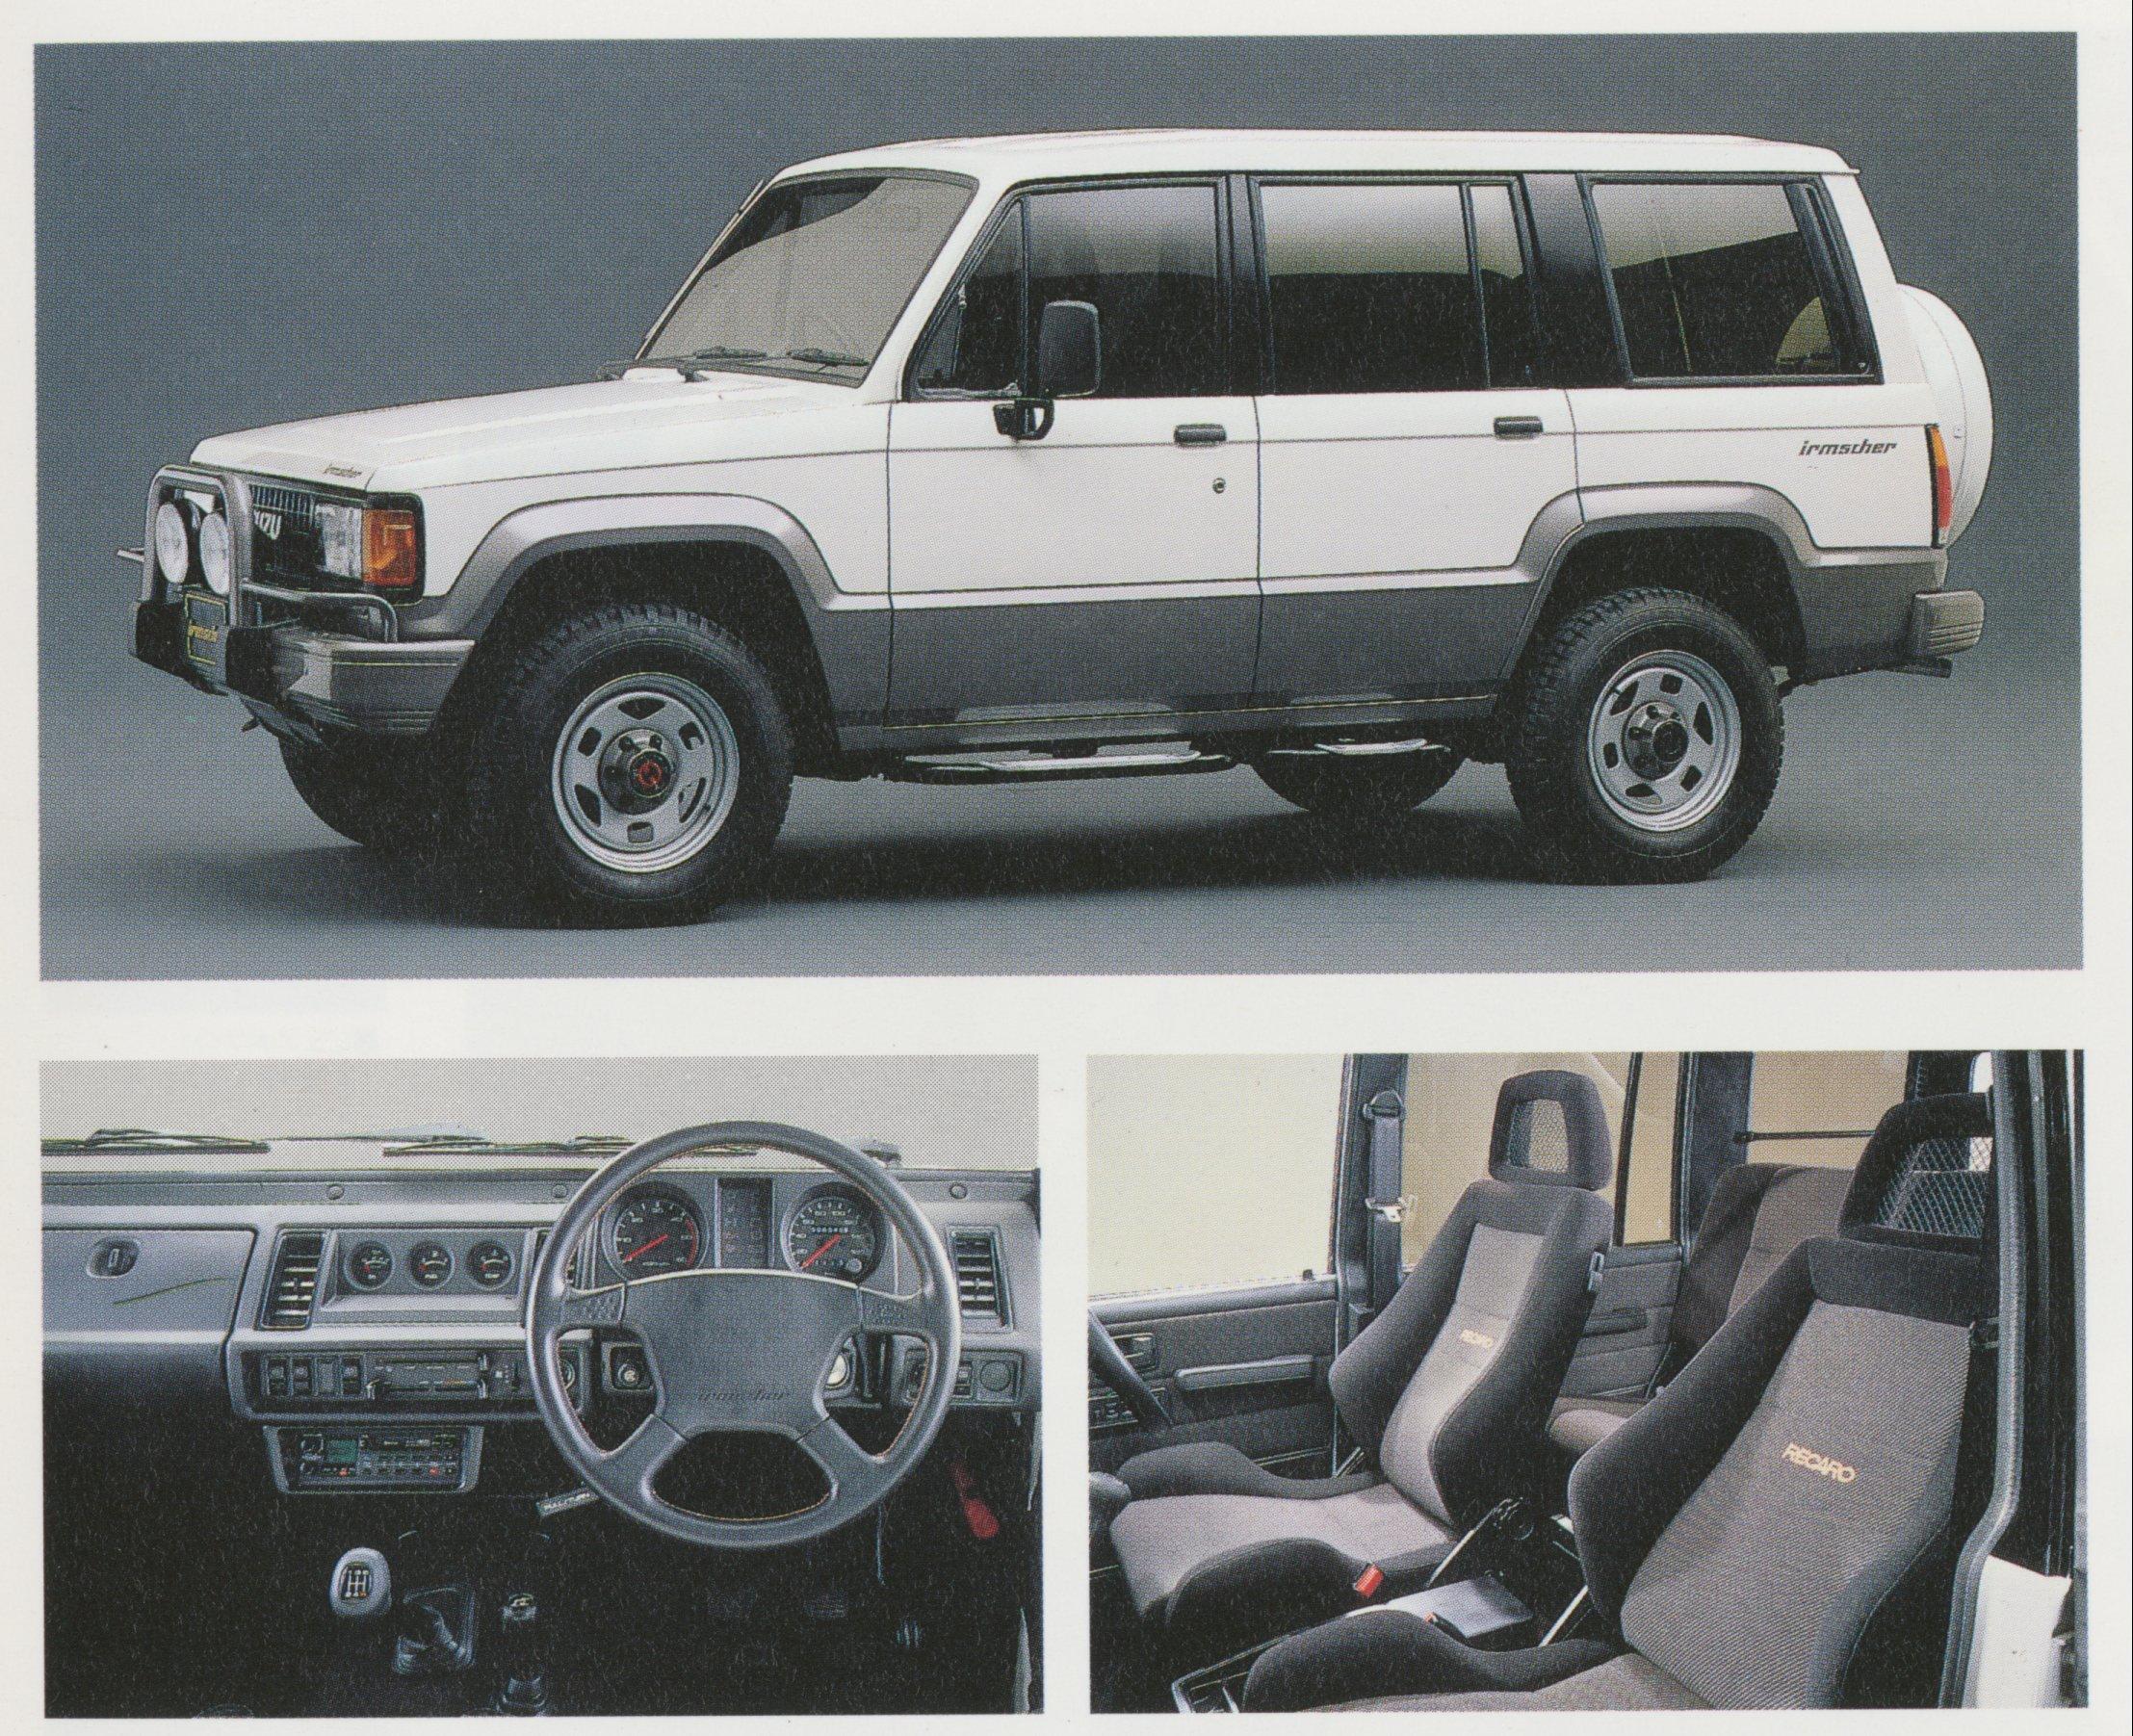 1989 Isuzu Bighorn Irmscher R   Japanese Nostalgic Car